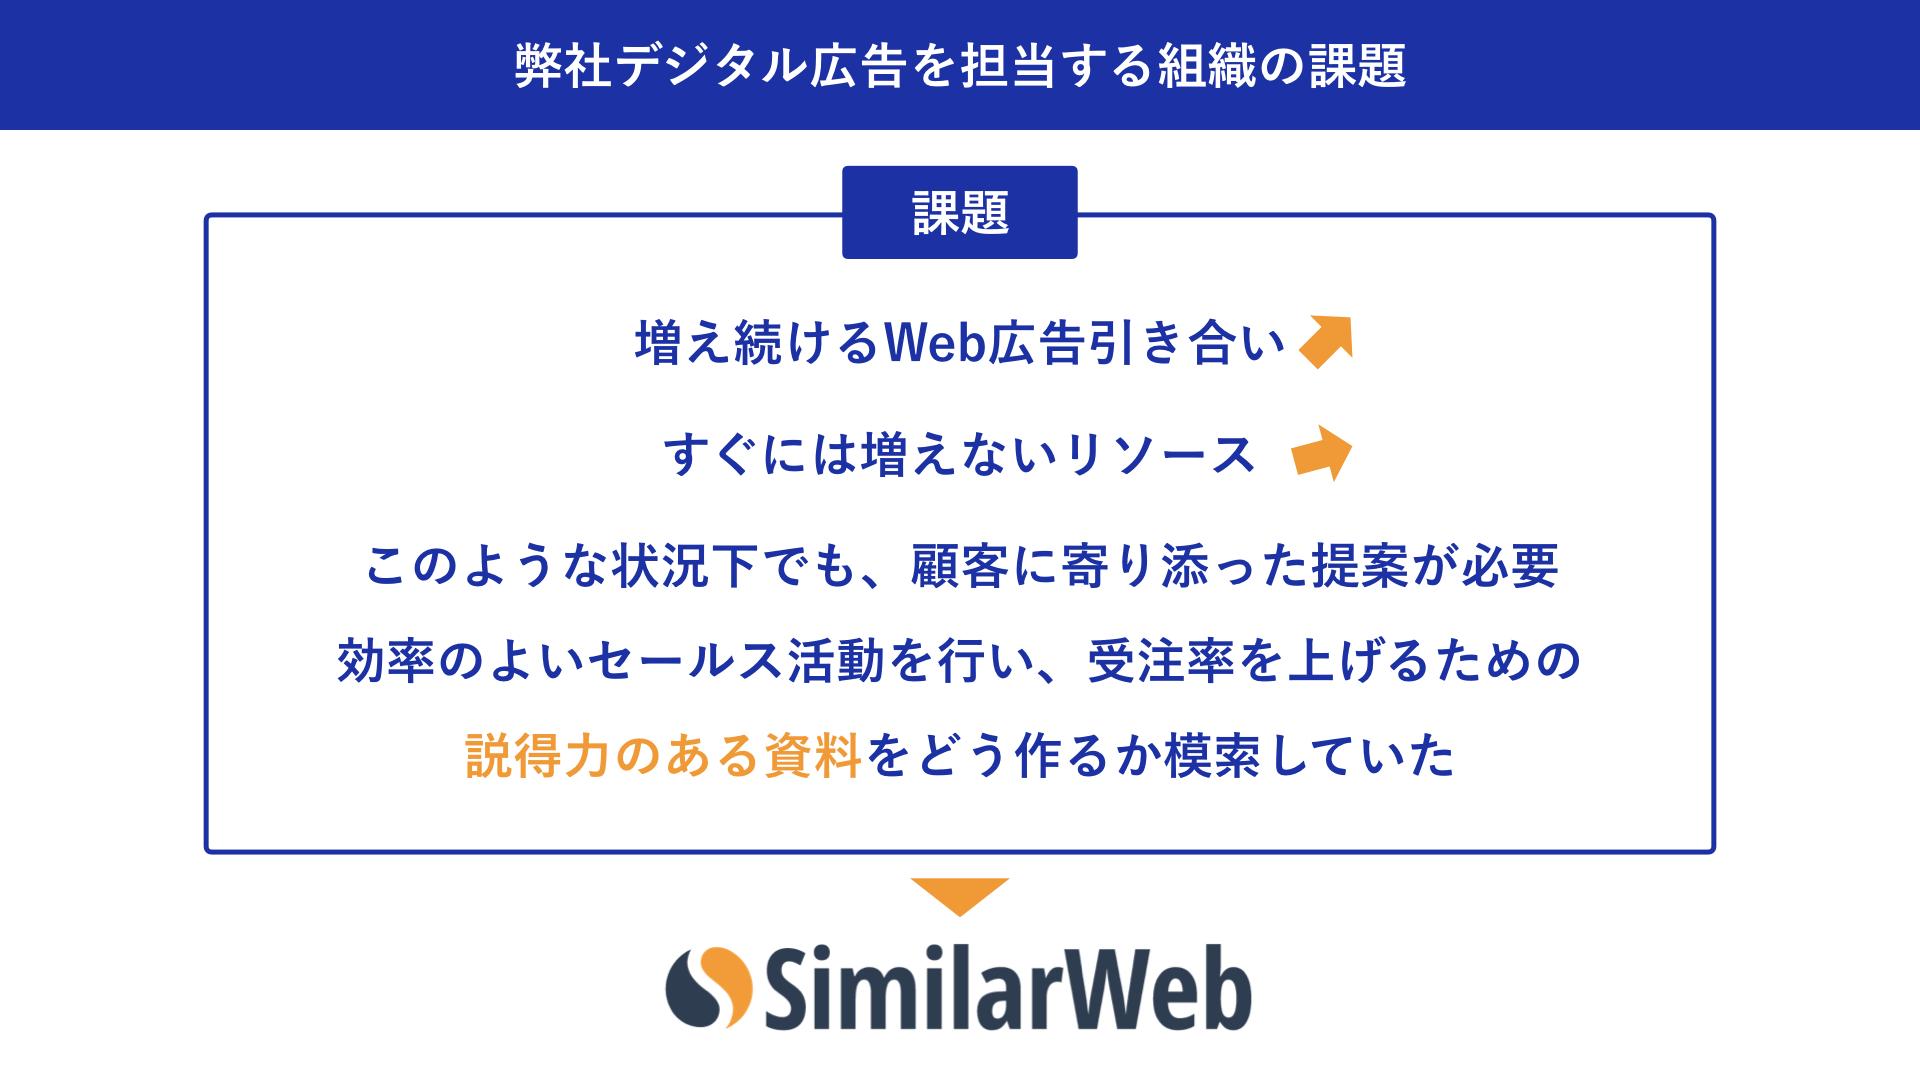 大日本印刷株式会社:加藤 綱貴 弊社デジタル広告を担当する組織の課題